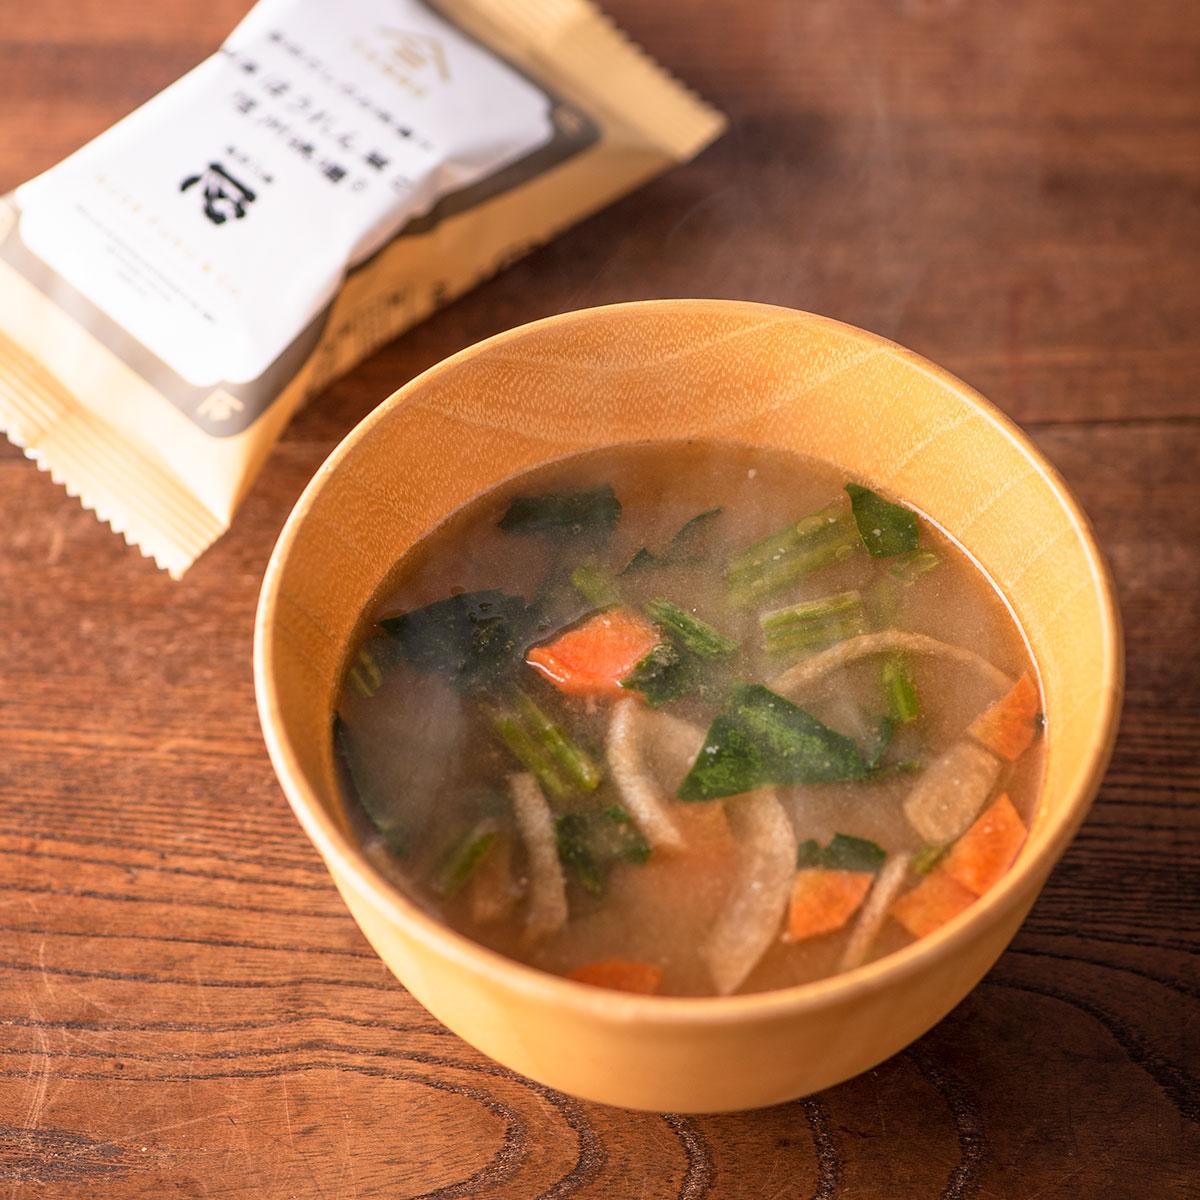 超激安特価 出荷 信州味噌を使用したお米の甘みが広がる お味噌汁 毎日だしのお味噌汁 国産ほうれん草と信州味噌 1食